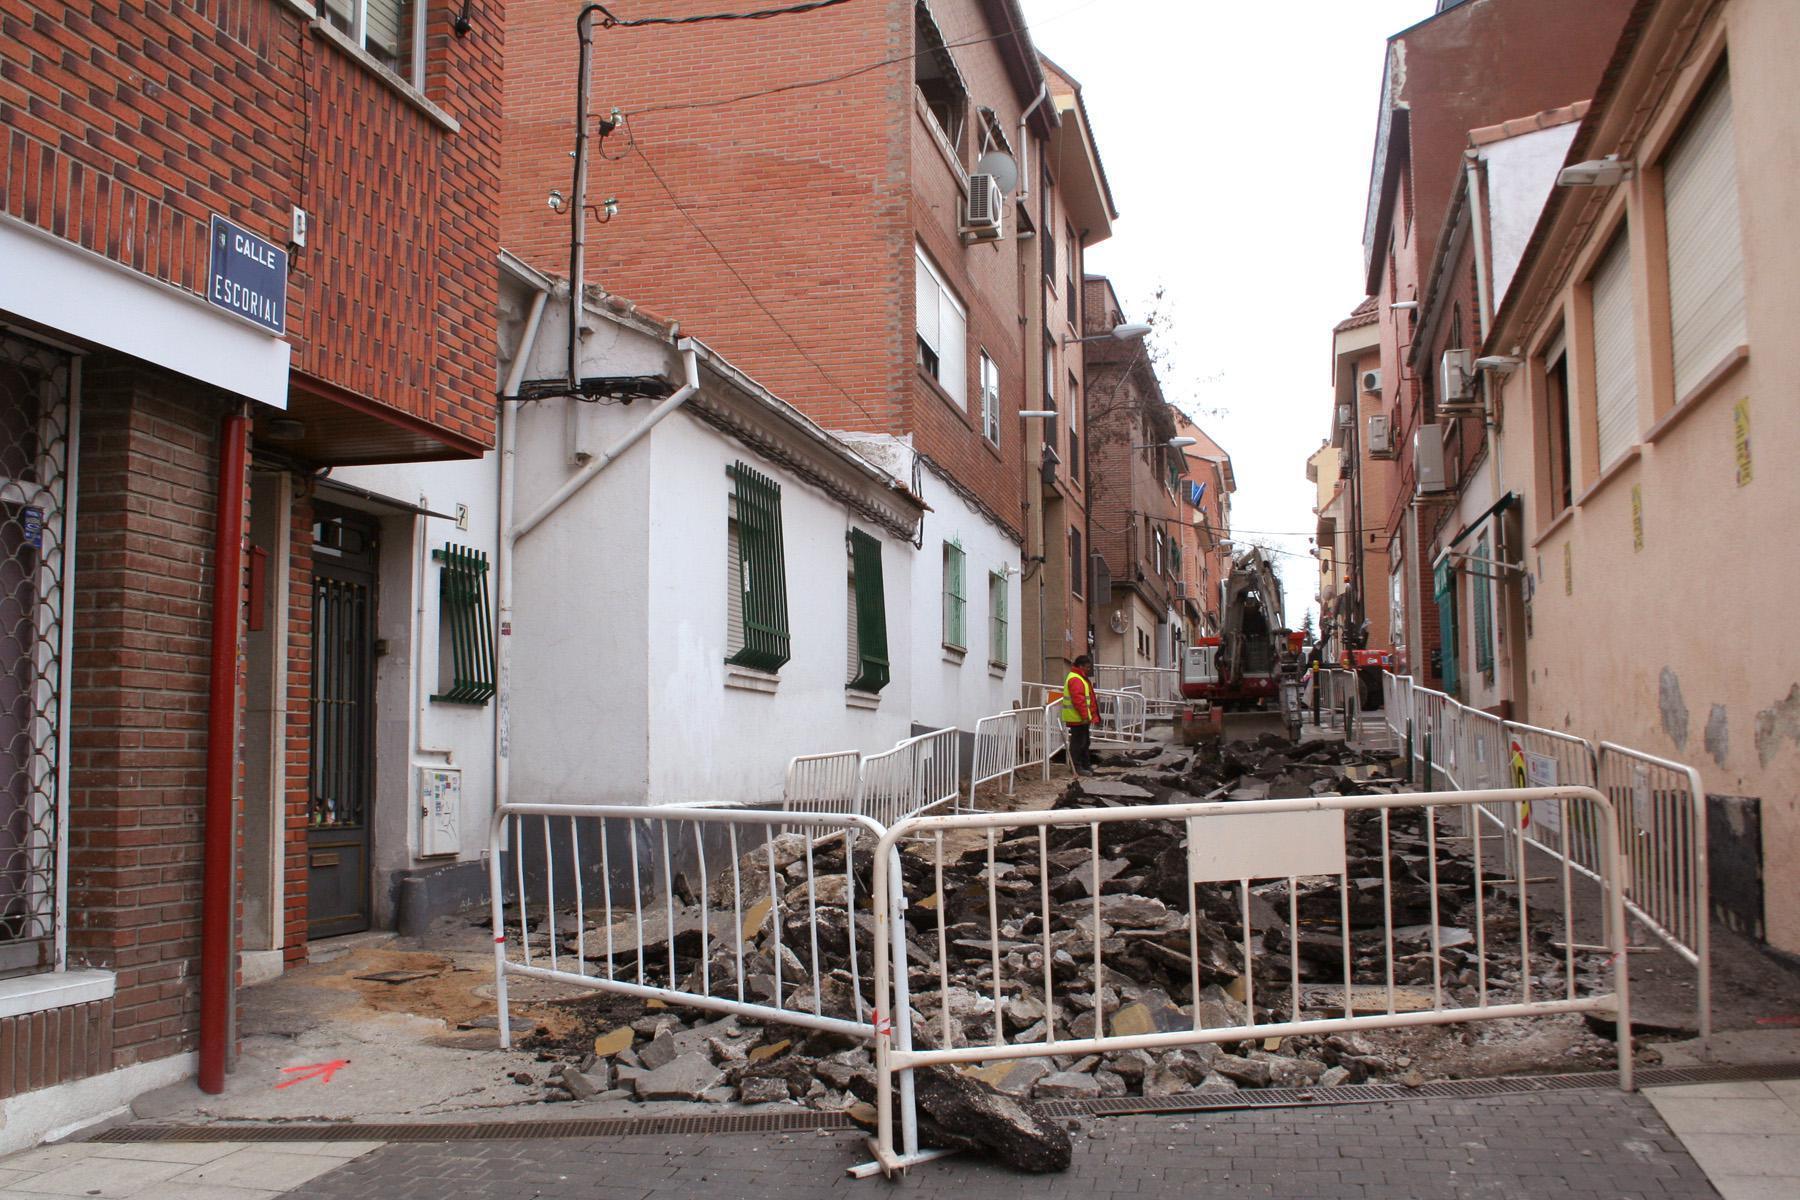 El Ayuntamiento de Las Rozas comienza las obras de remodelación de la calle Escorial